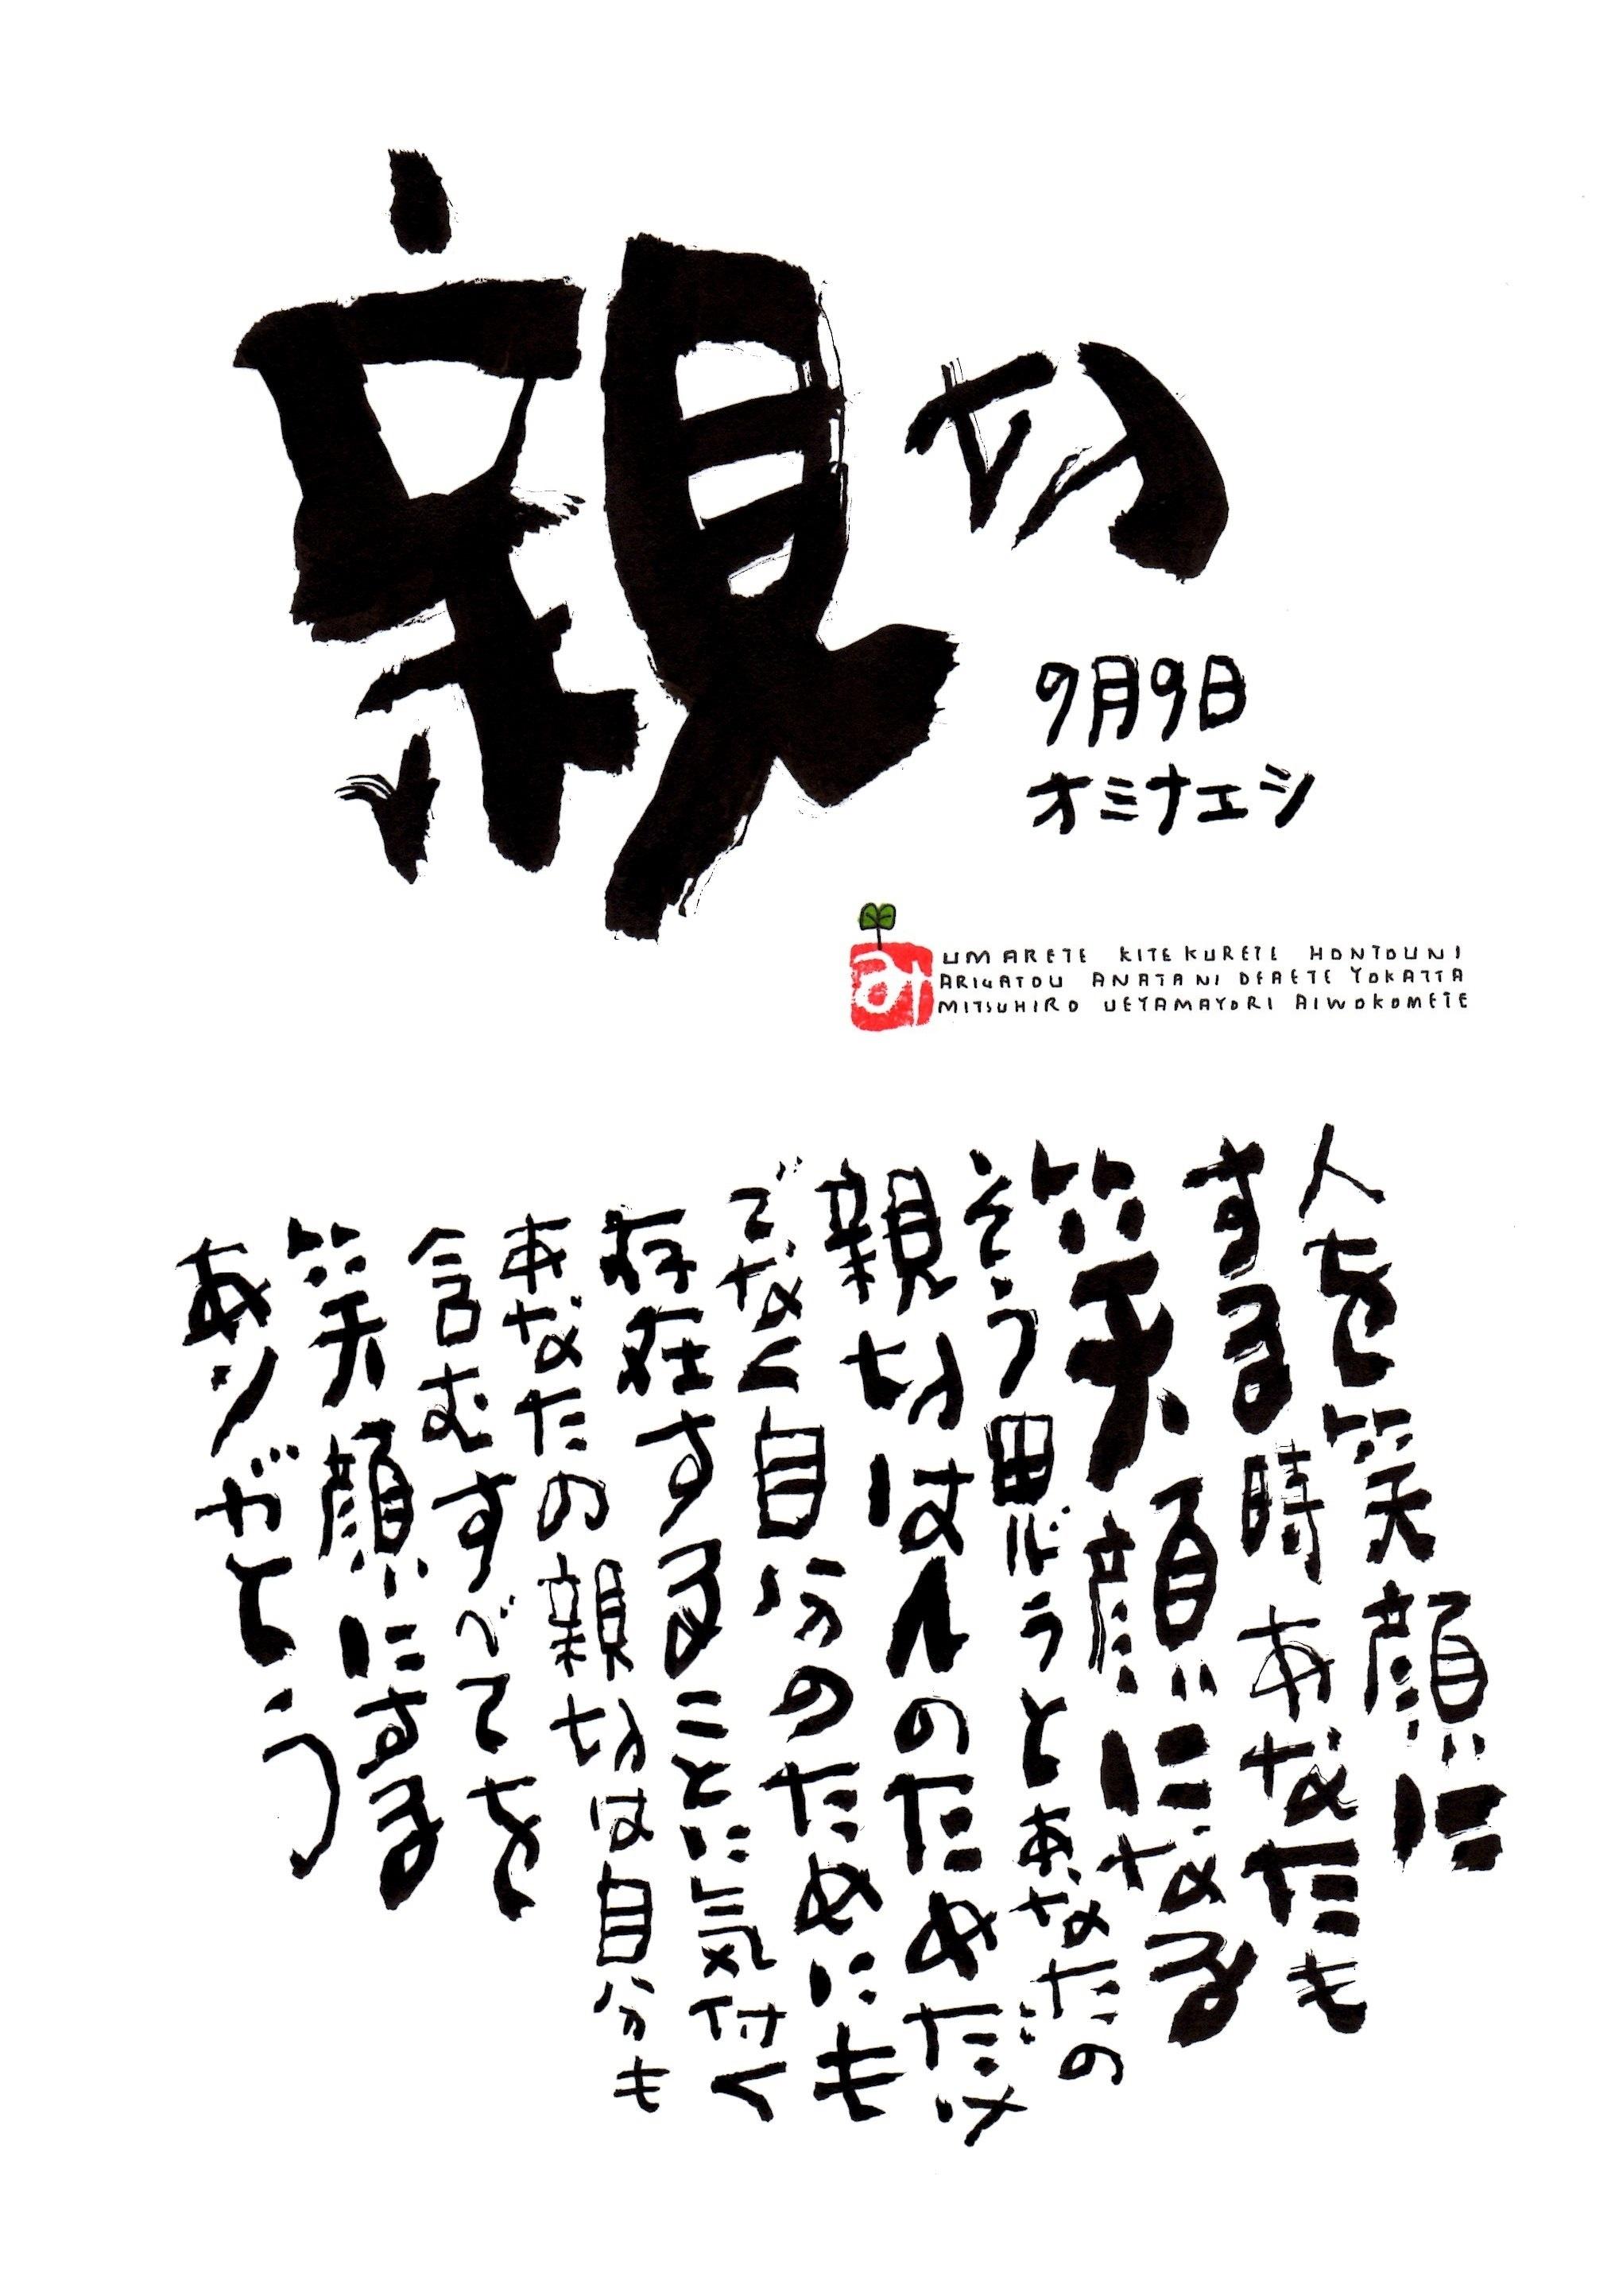 9月9日 誕生日ポストカード【親切】kindness